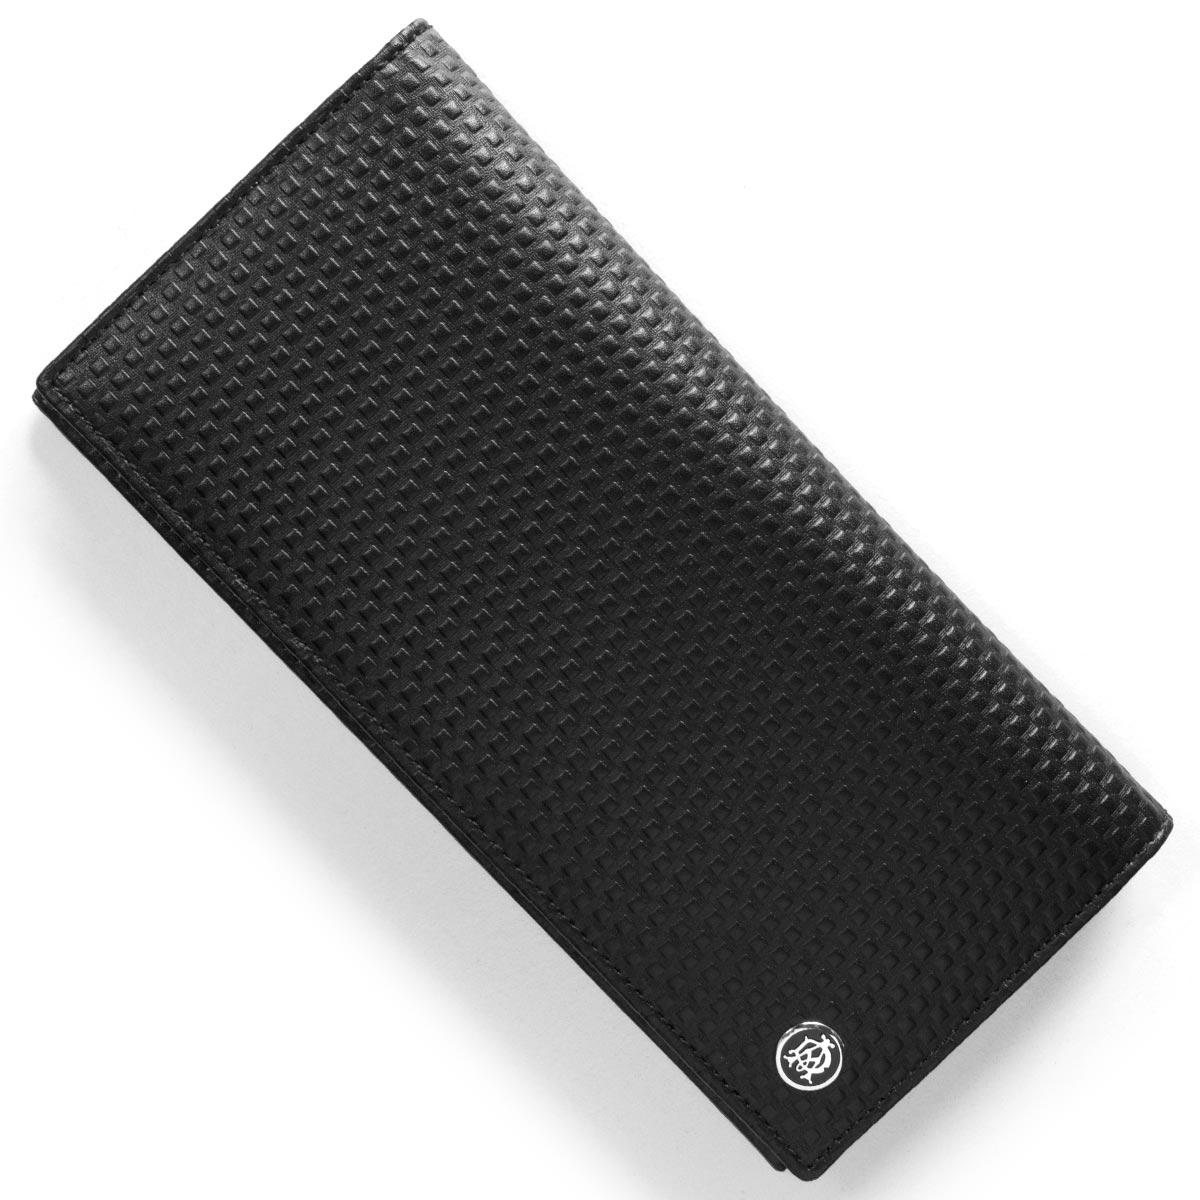 ダンヒル 長財布 財布 メンズ マイクロ ディーエイト D-EIGHT ブラック L2V312 A DUNHILL